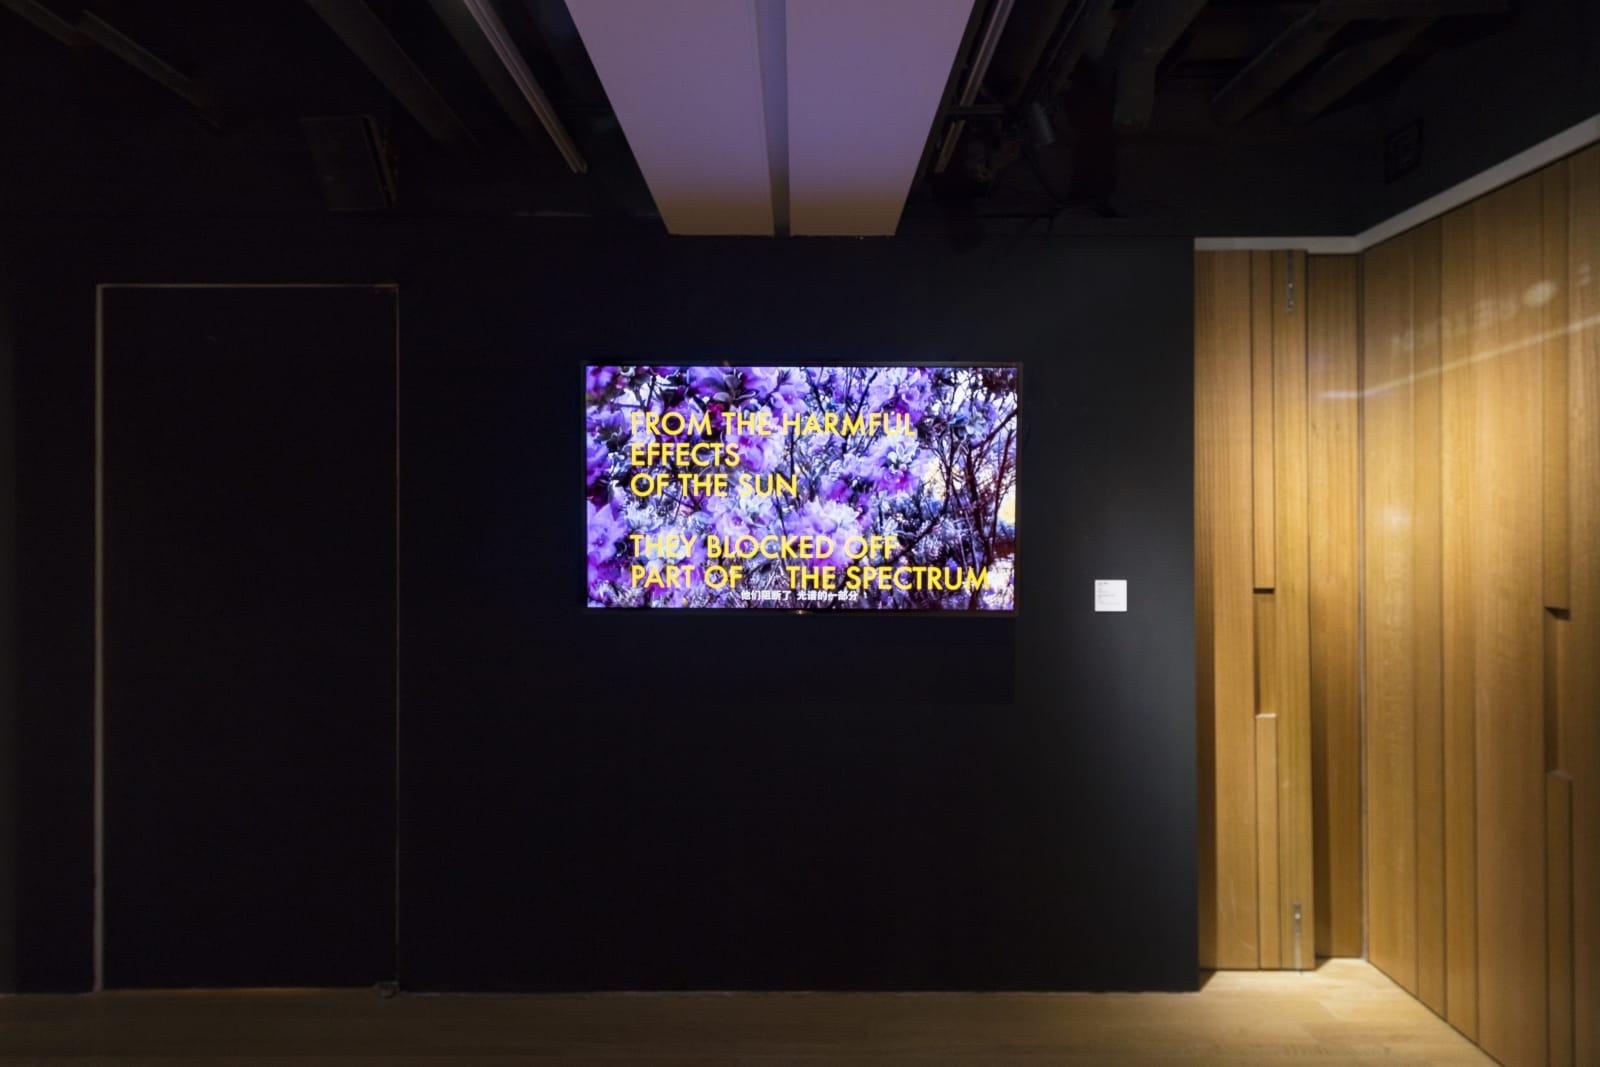 展览现场 Exhibition view